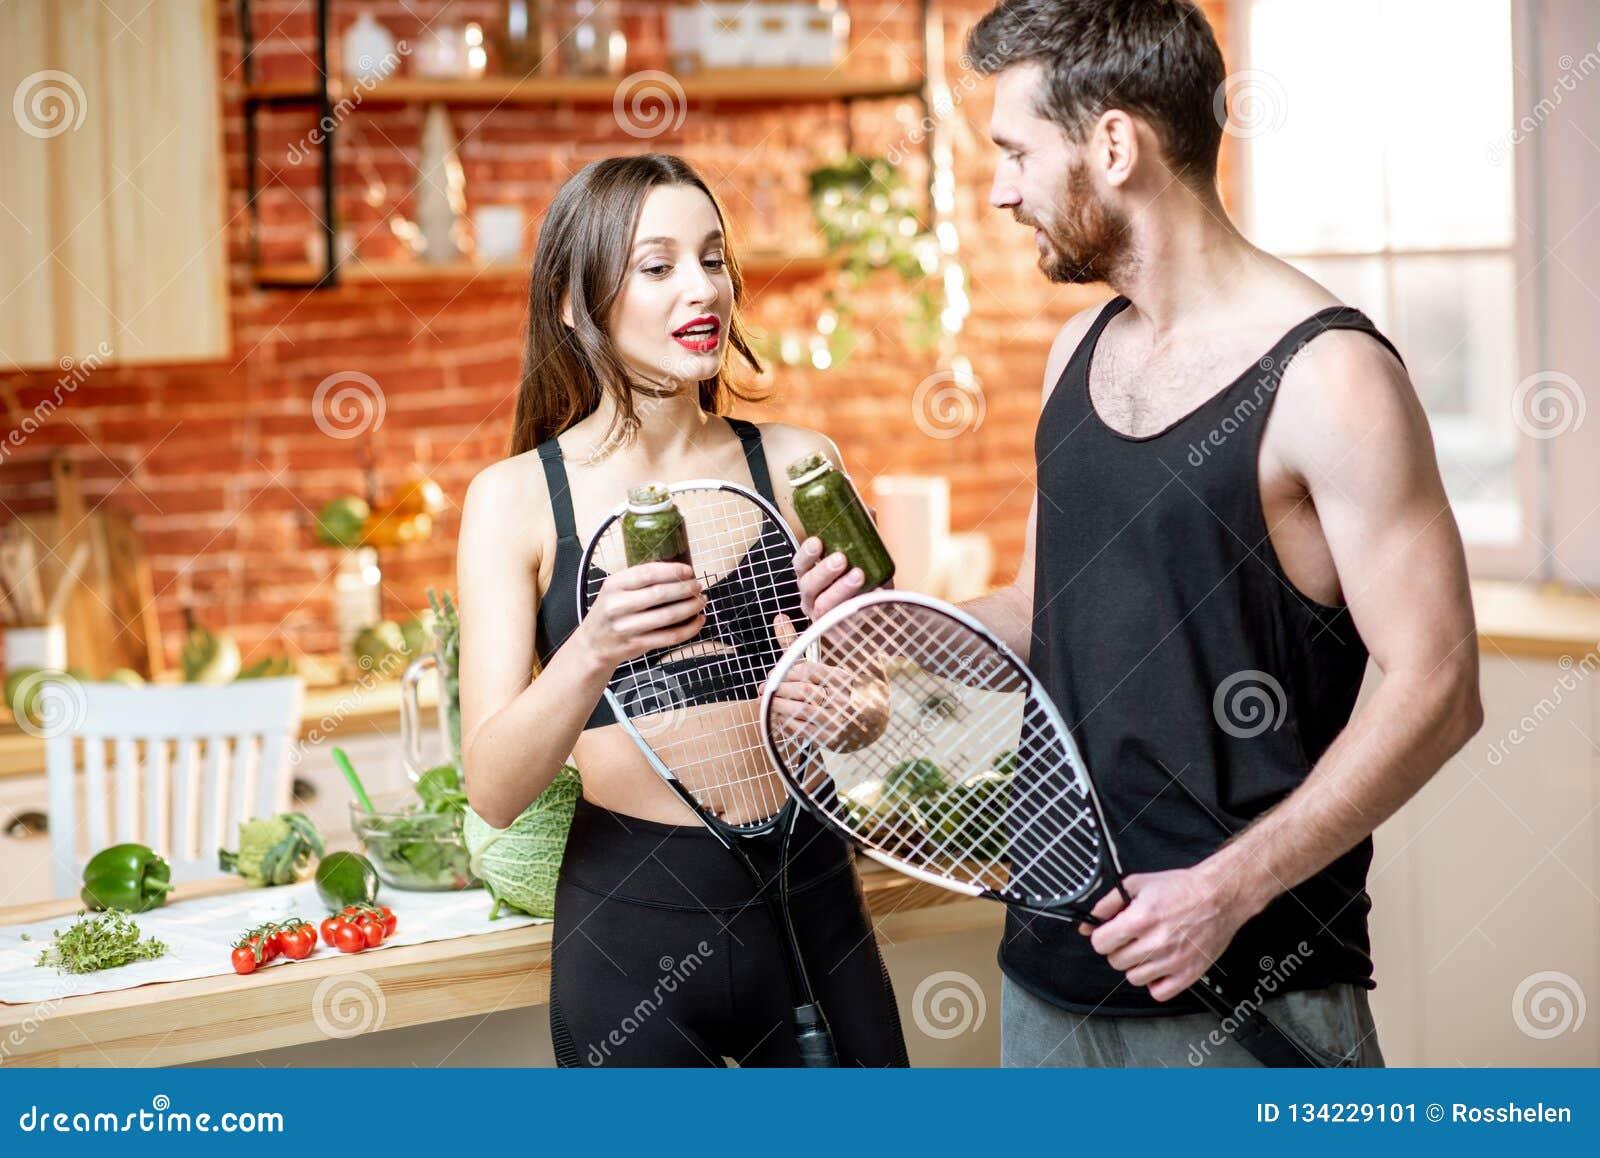 Пары спорт есть здоровую еду на кухне дома